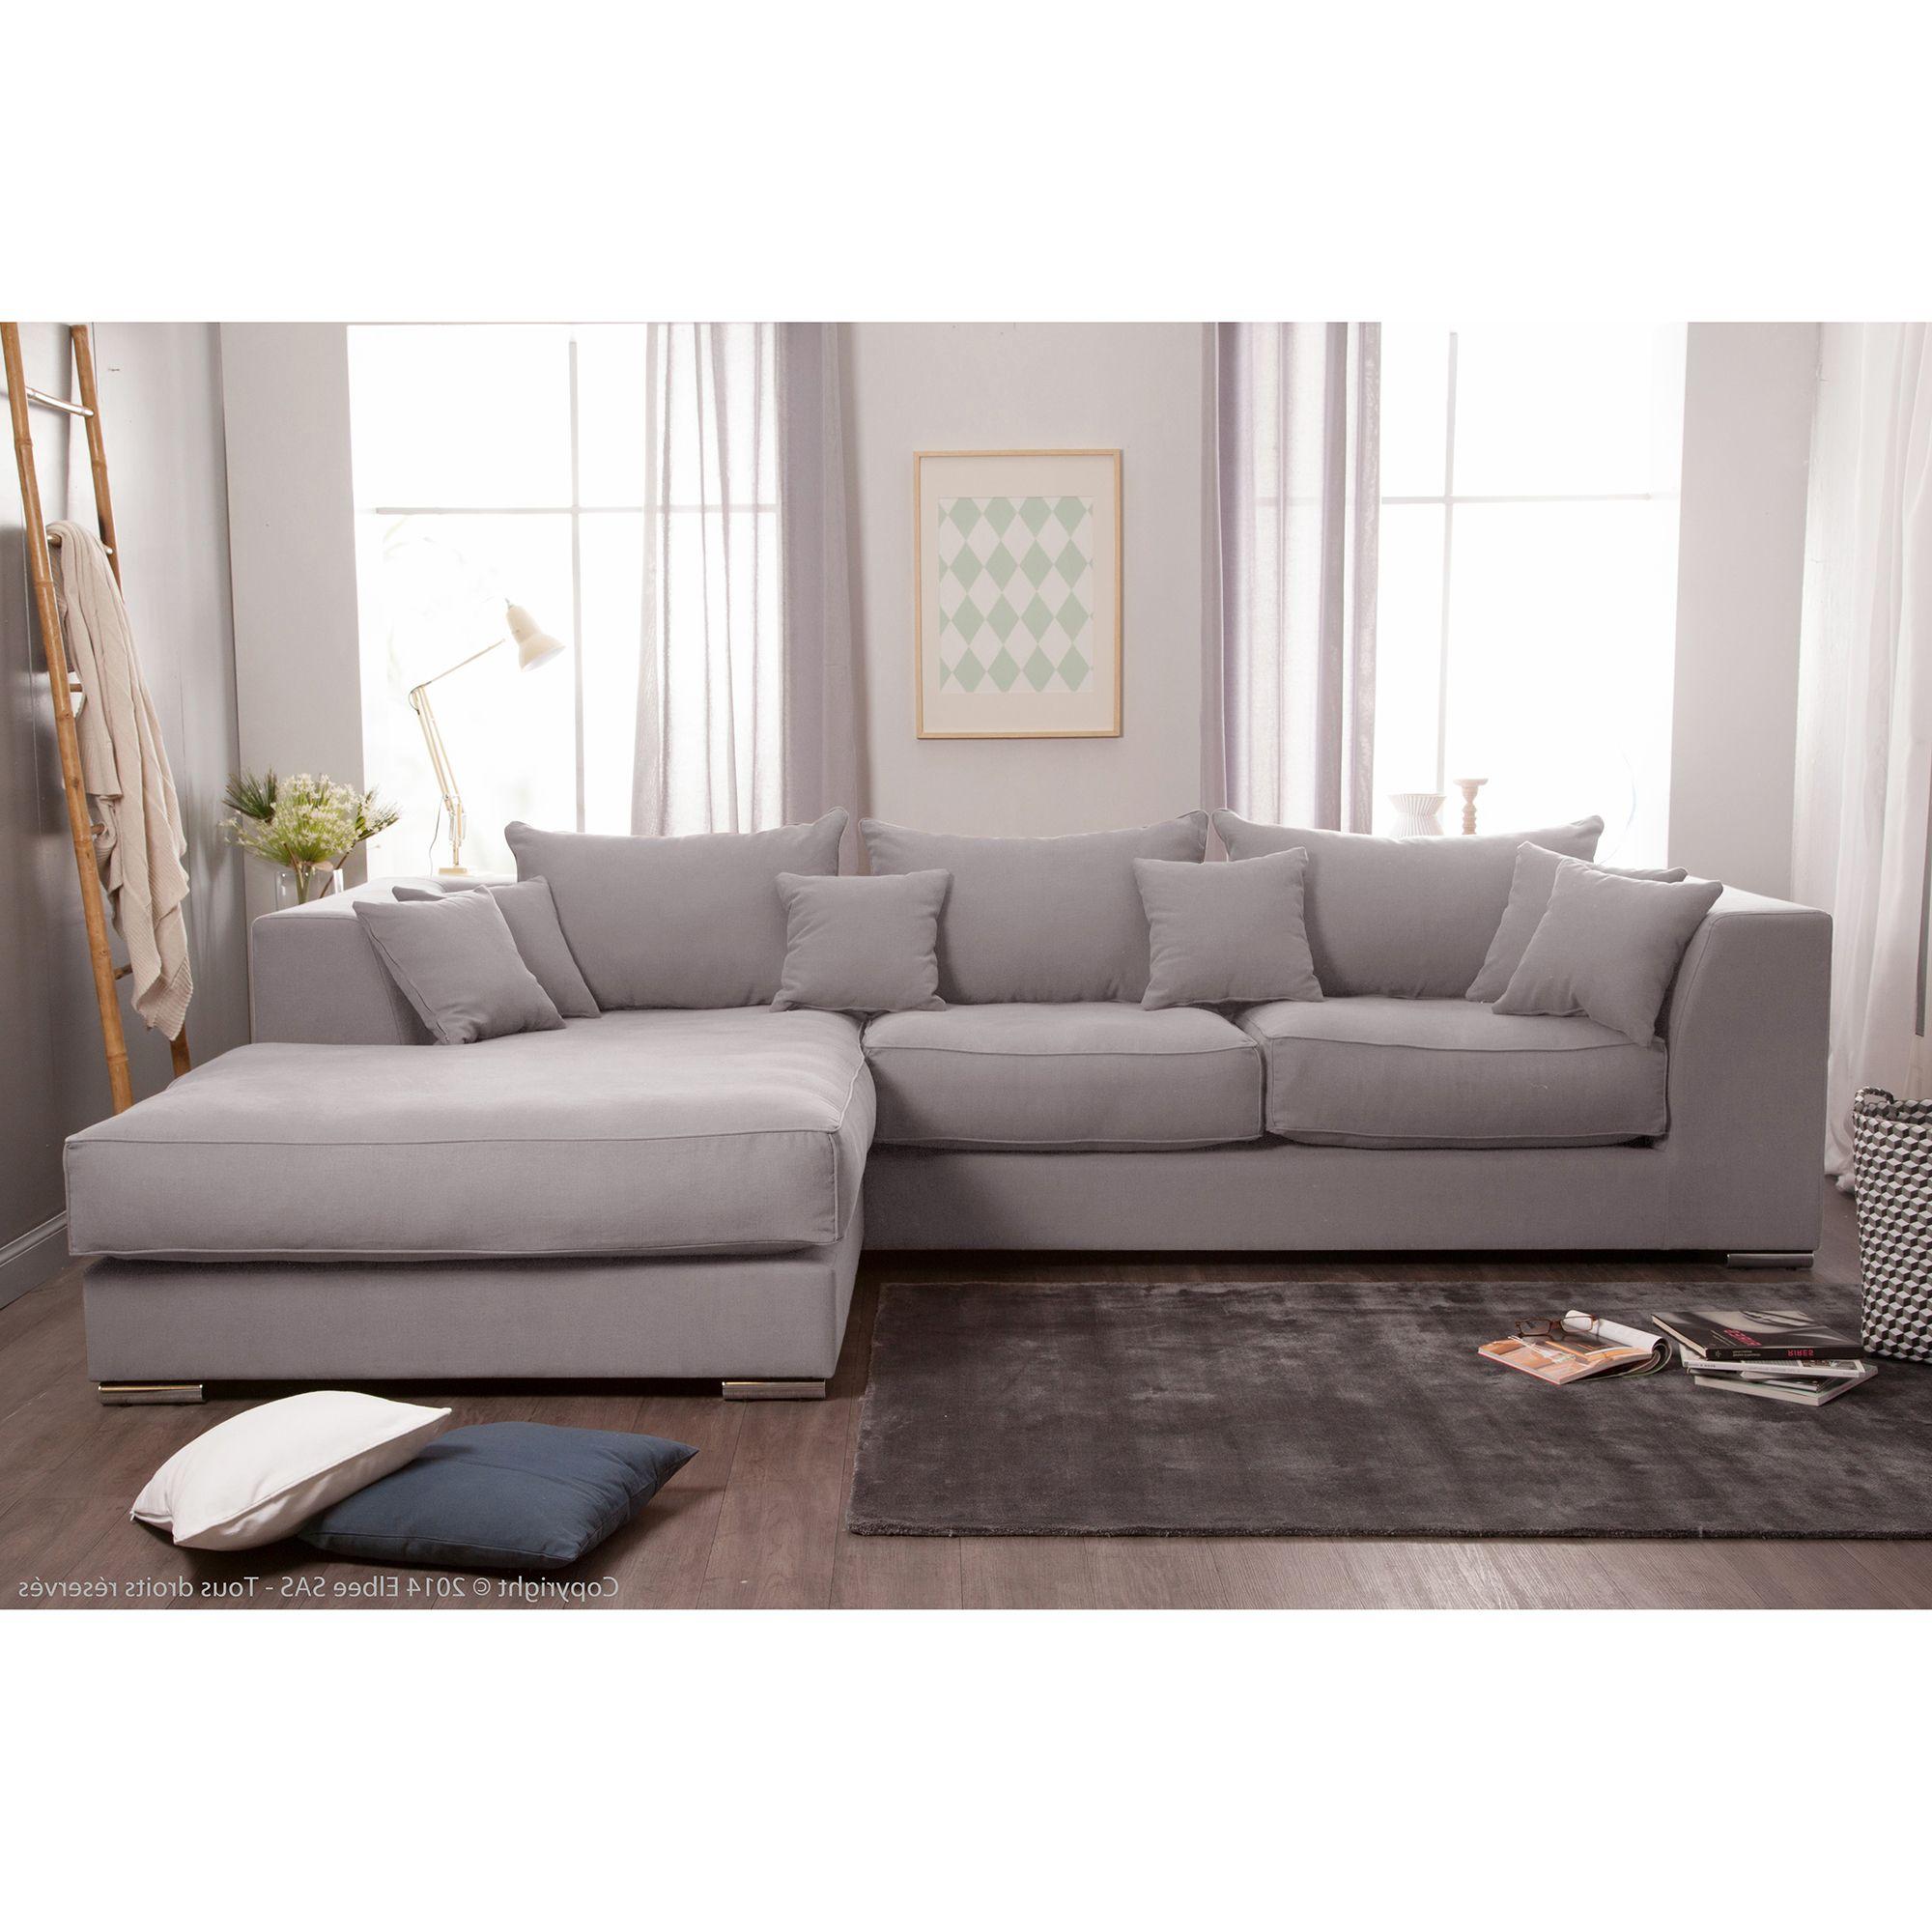 conforama canap relax meilleur de stock 31 nouveau canap 1 place conforama. Black Bedroom Furniture Sets. Home Design Ideas